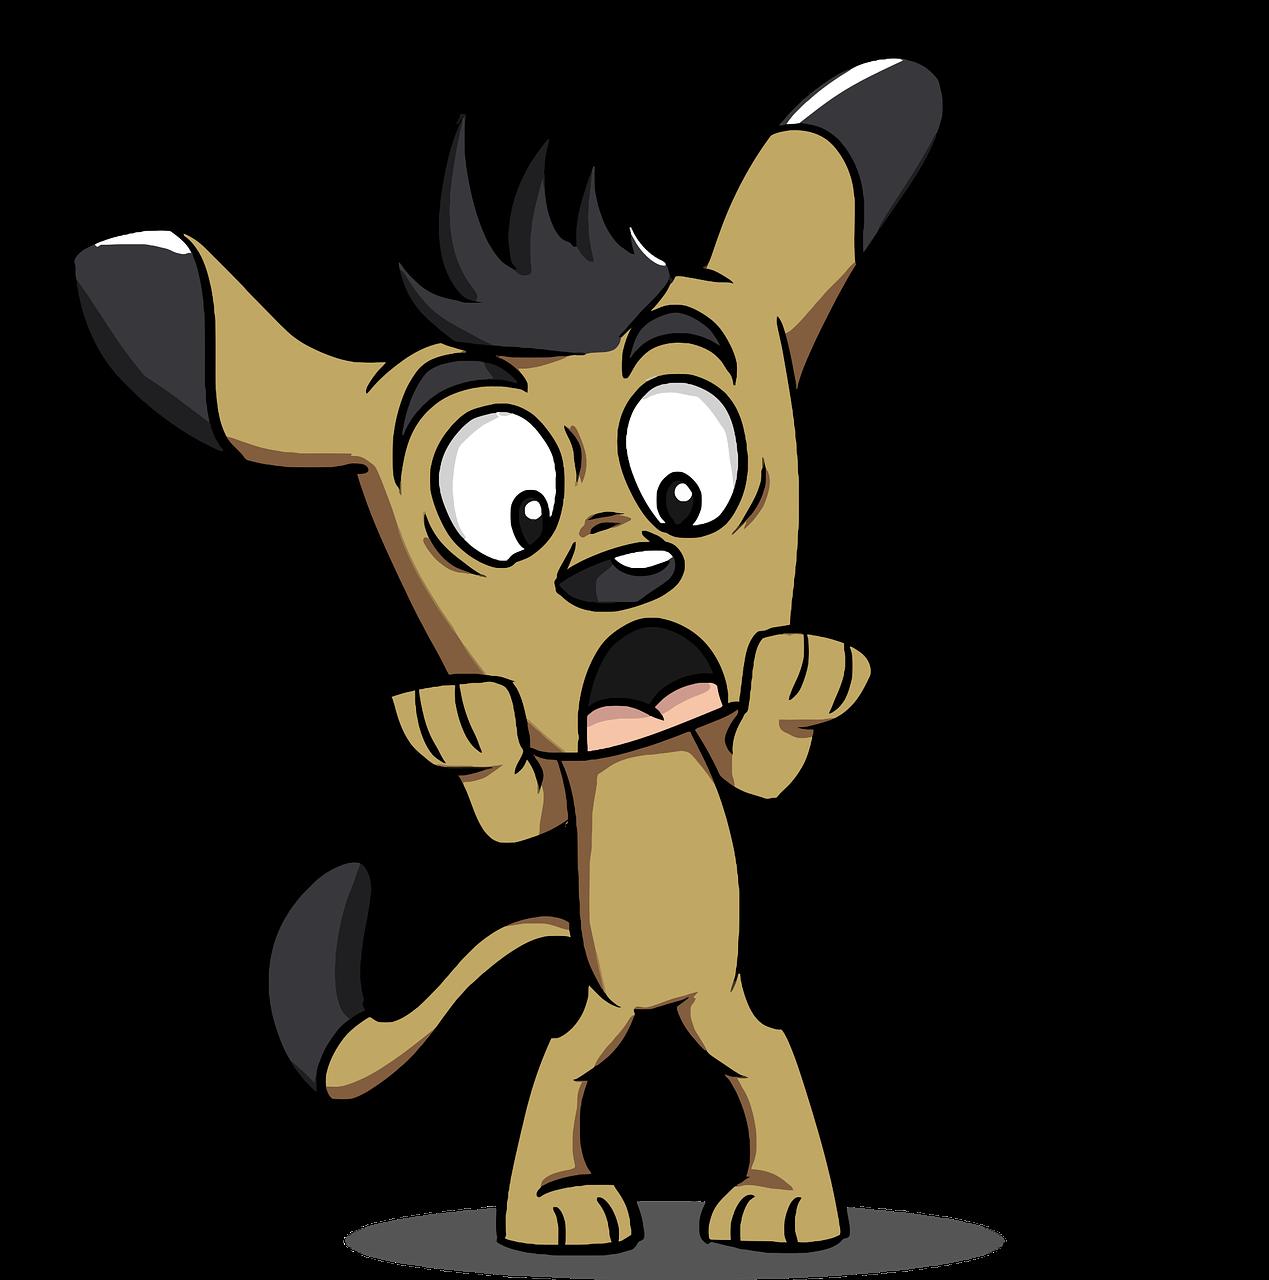 Mein Hund hat Angst: Wie kann ich ihn unterstützen?